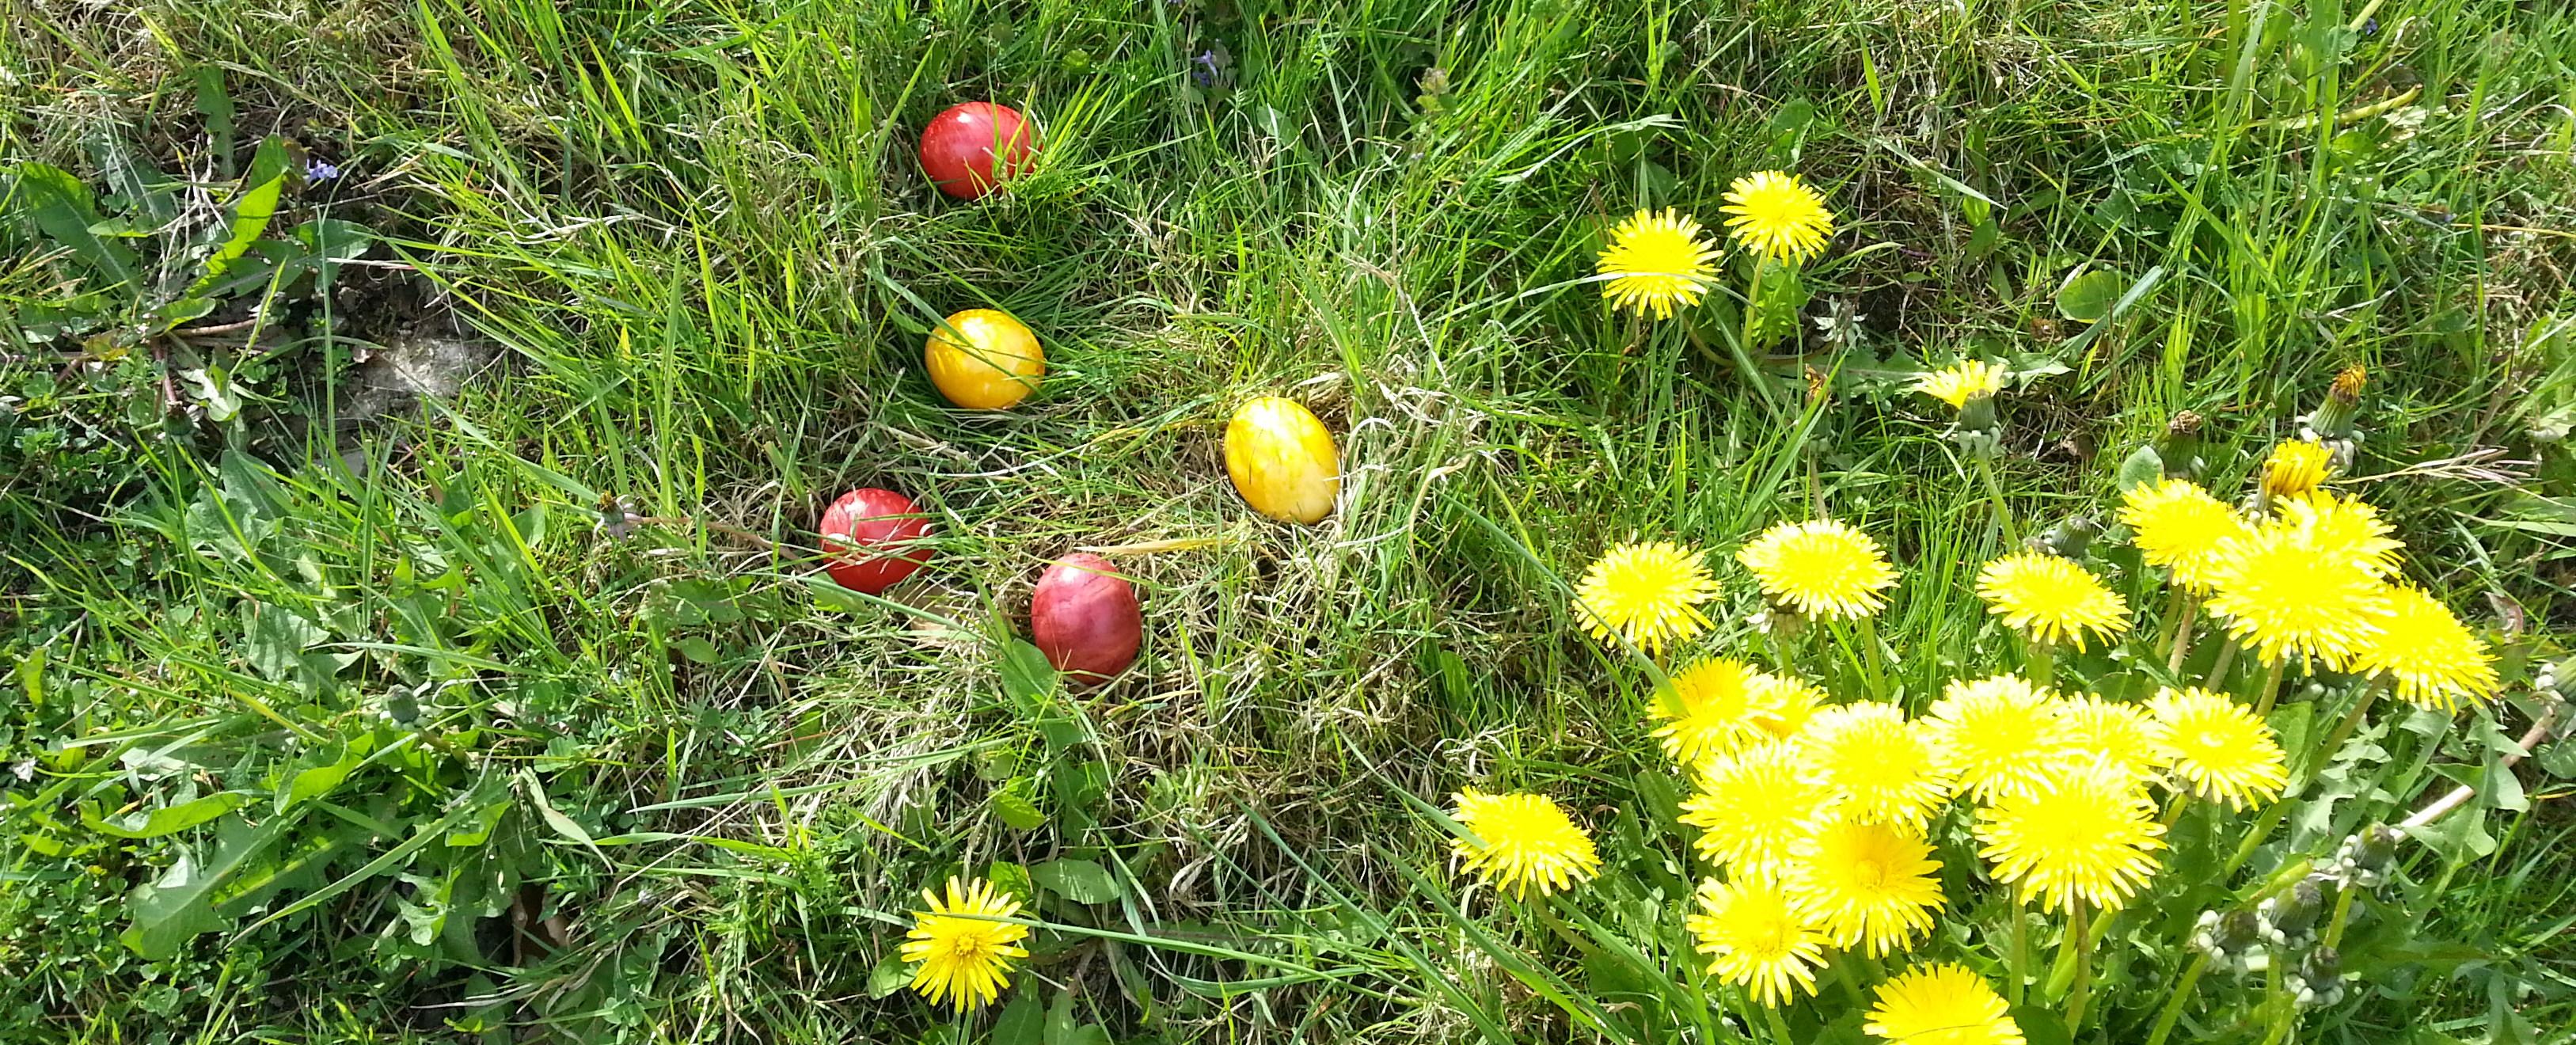 Gelbe und rote Ostereier im Gras. Daneben blüht Löwenzahn.